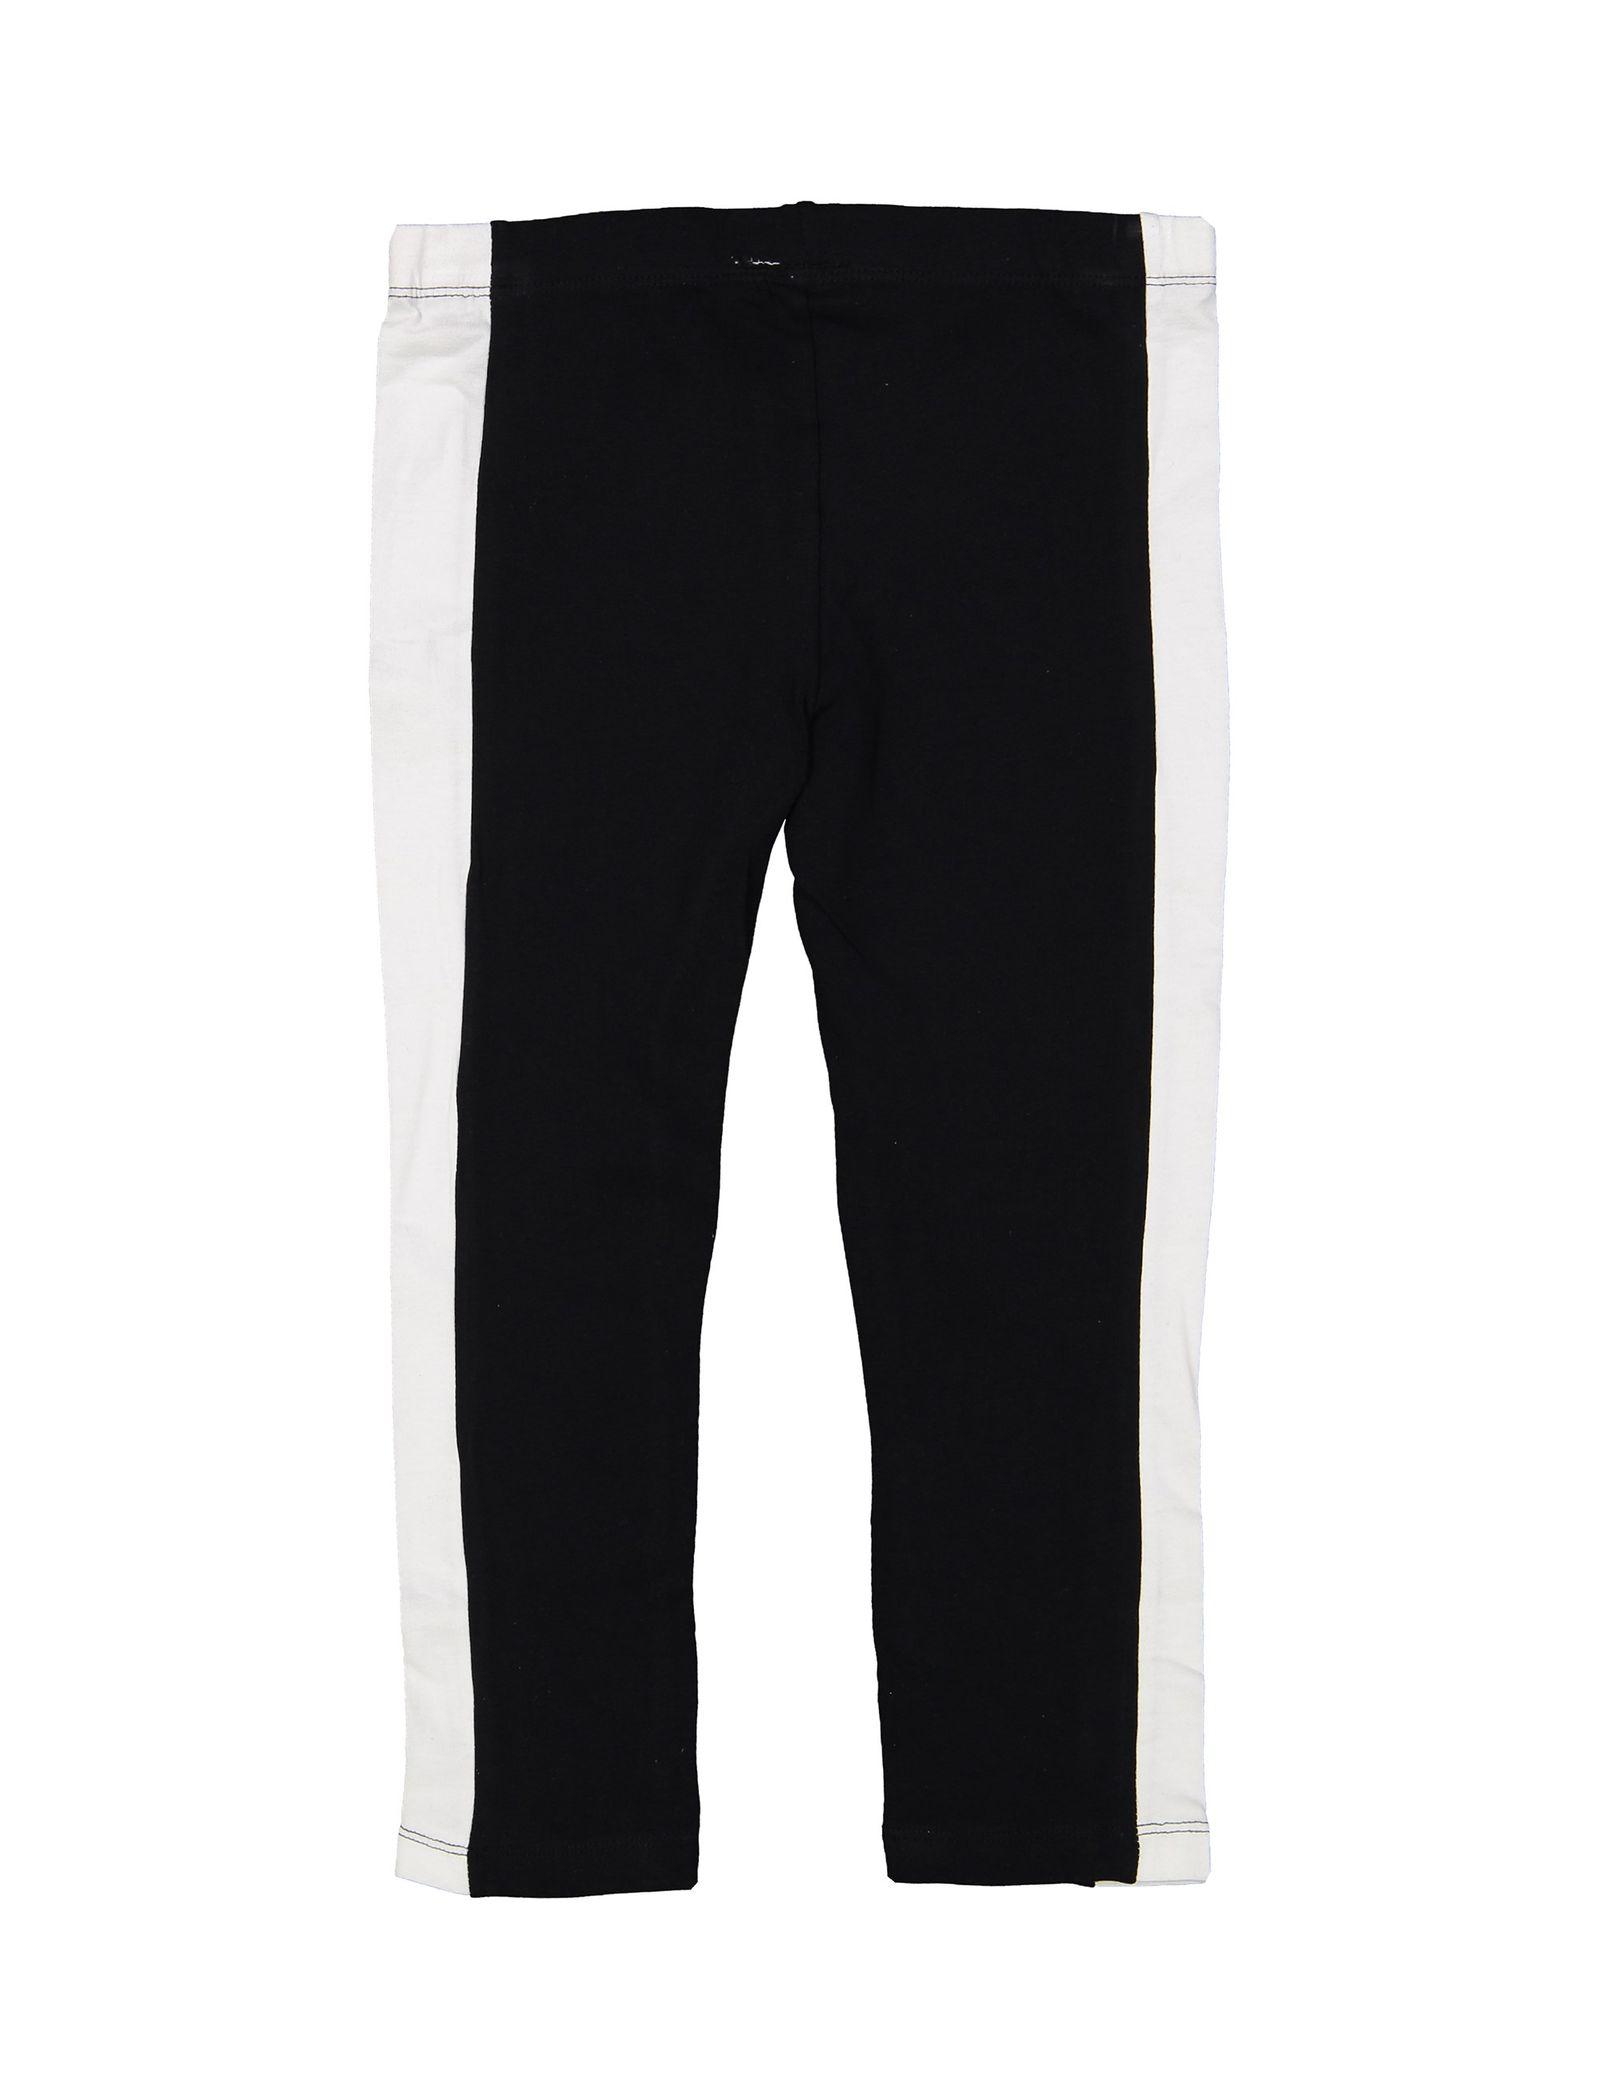 تی شرت و شلوار دخترانه - بلوکیدز - سفيد/مشکي - 6